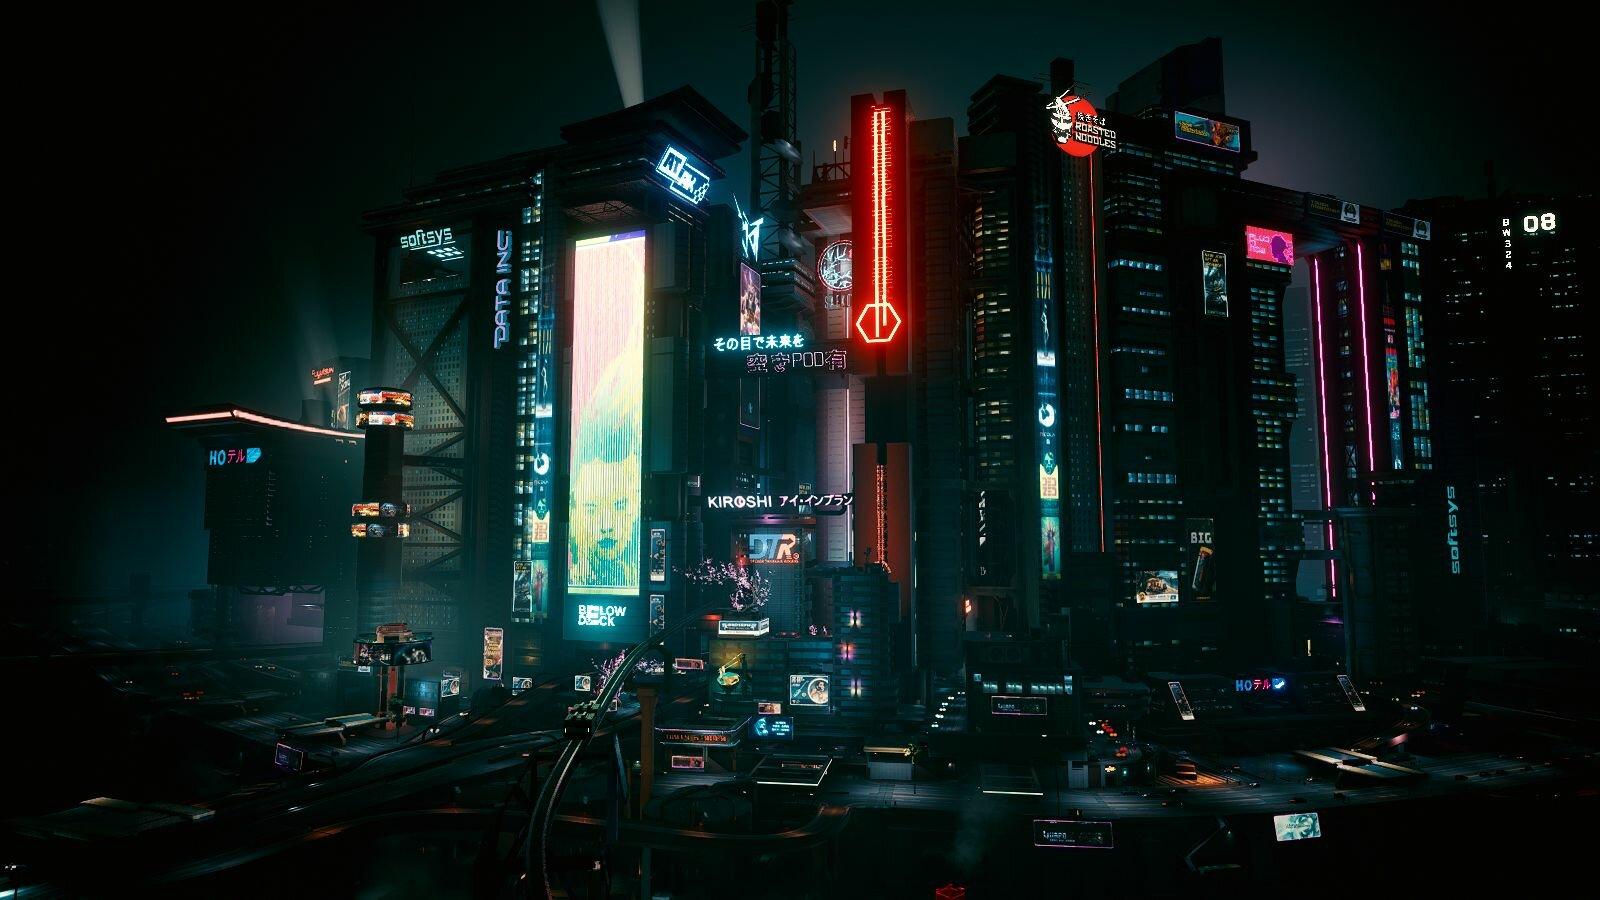 НАЙТ-СИТИ. Cyberpunk 2077